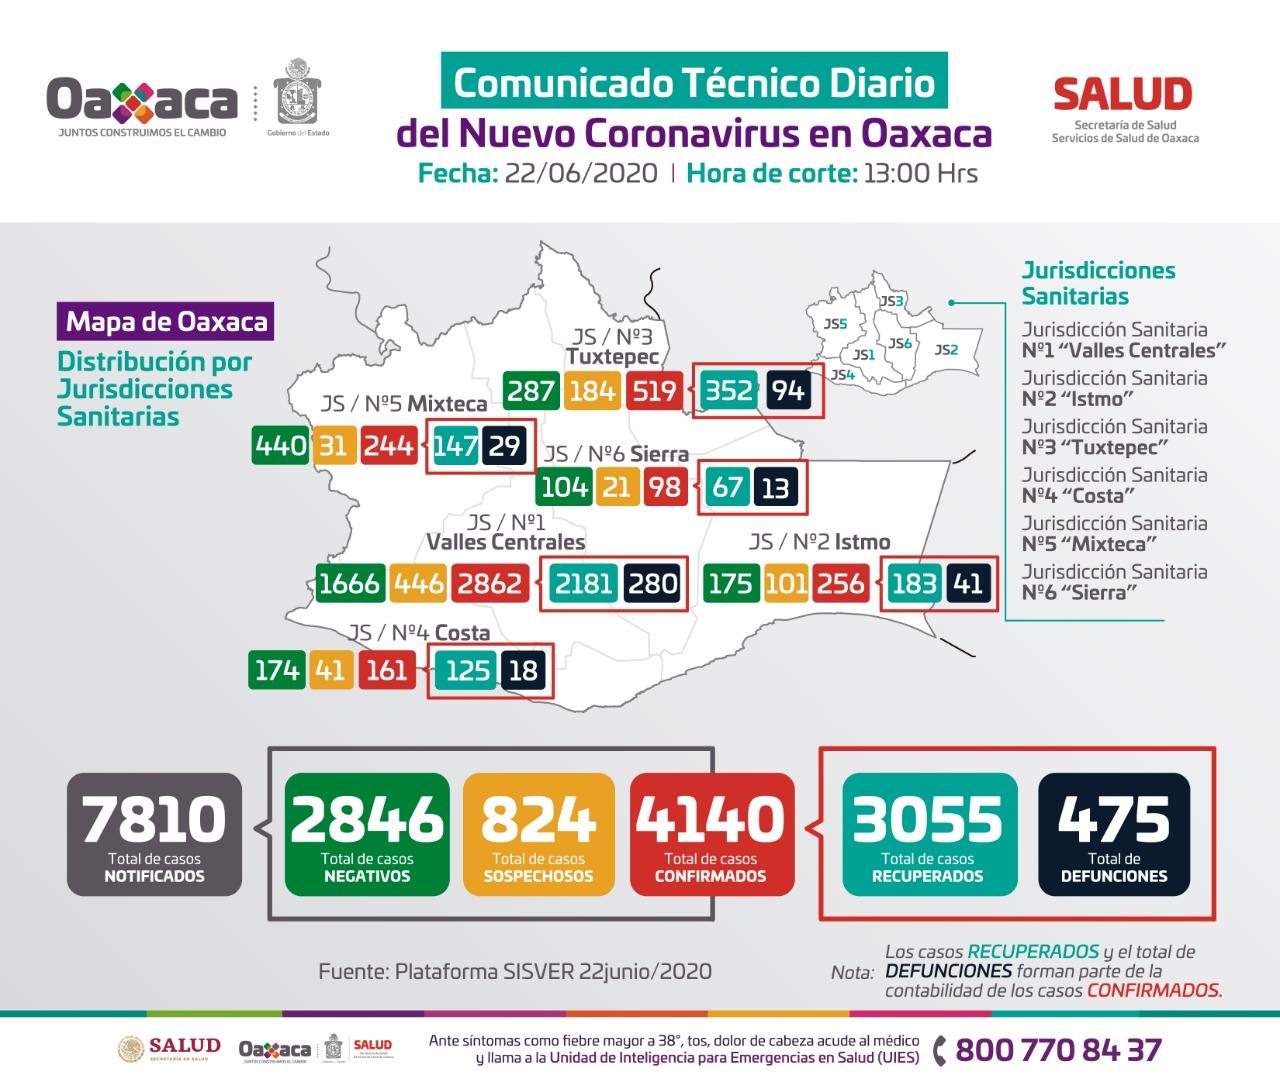 Cuatro mil 140 positivos acumulados de Covid-19 en Oaxaca, 124 son menores de edad: SSO